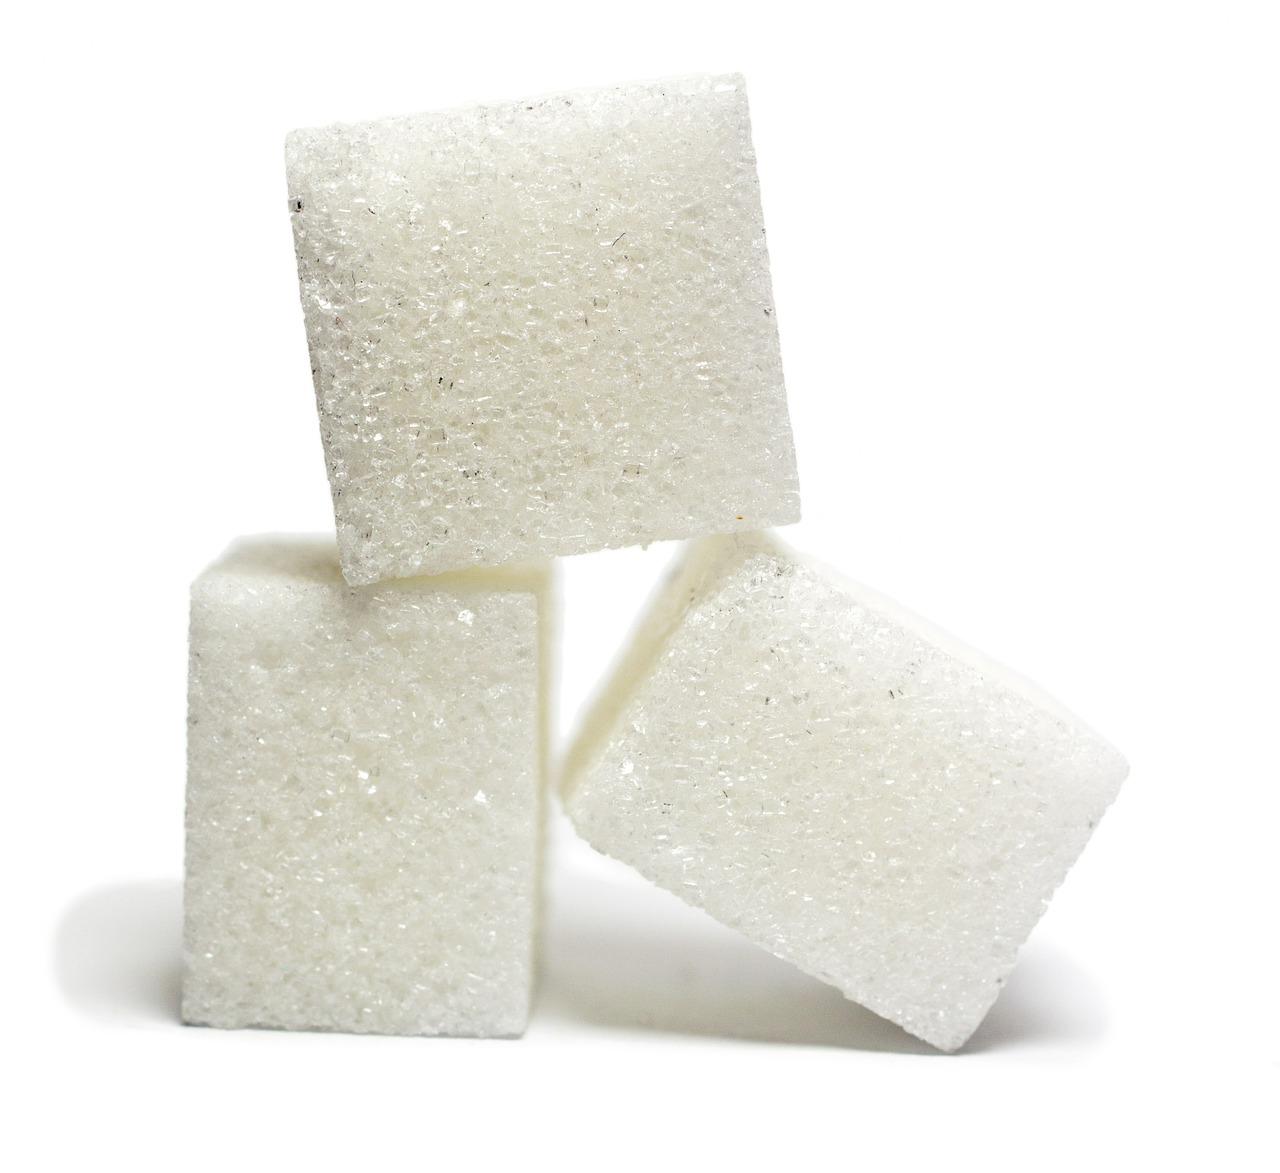 甘い物 甘味中毒 砂糖中毒 甘味依存 砂糖依存症 大好き スイーツ sweets 糖質制限 糖質制限ダイエット ダイエット 炭水化物ダイエット 痩せる 太った 糖質 脂質異常症 高脂血症 コレステロール マンガ とさくら とさくらマンガブログ ブログ Tosakura